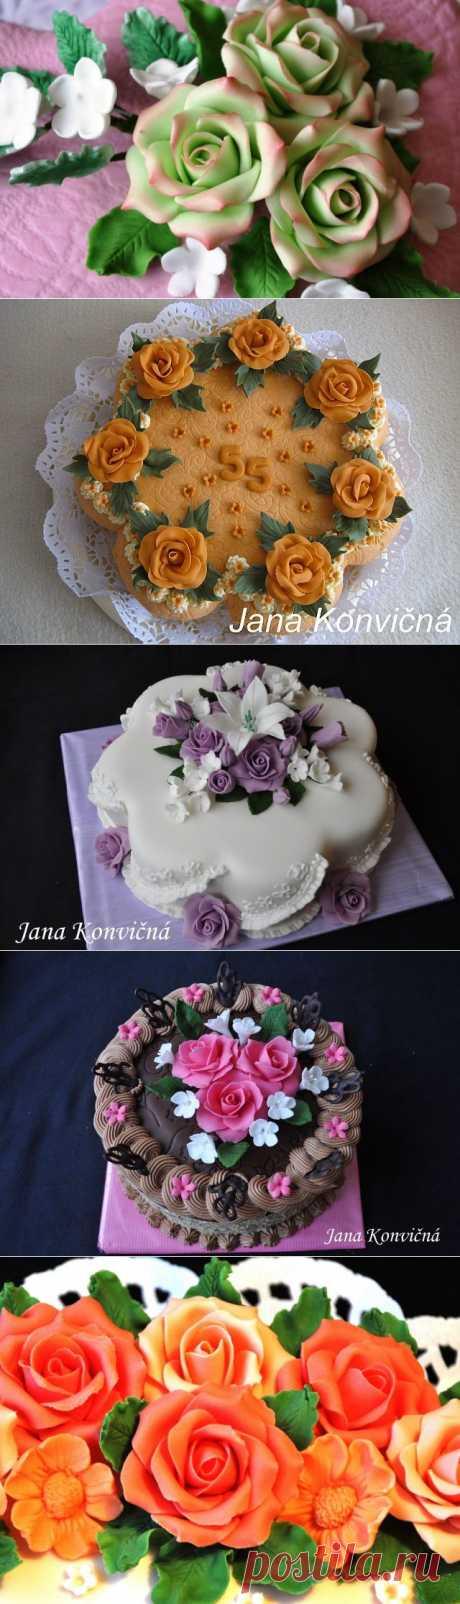 Розы из марципана для украшения тортов.